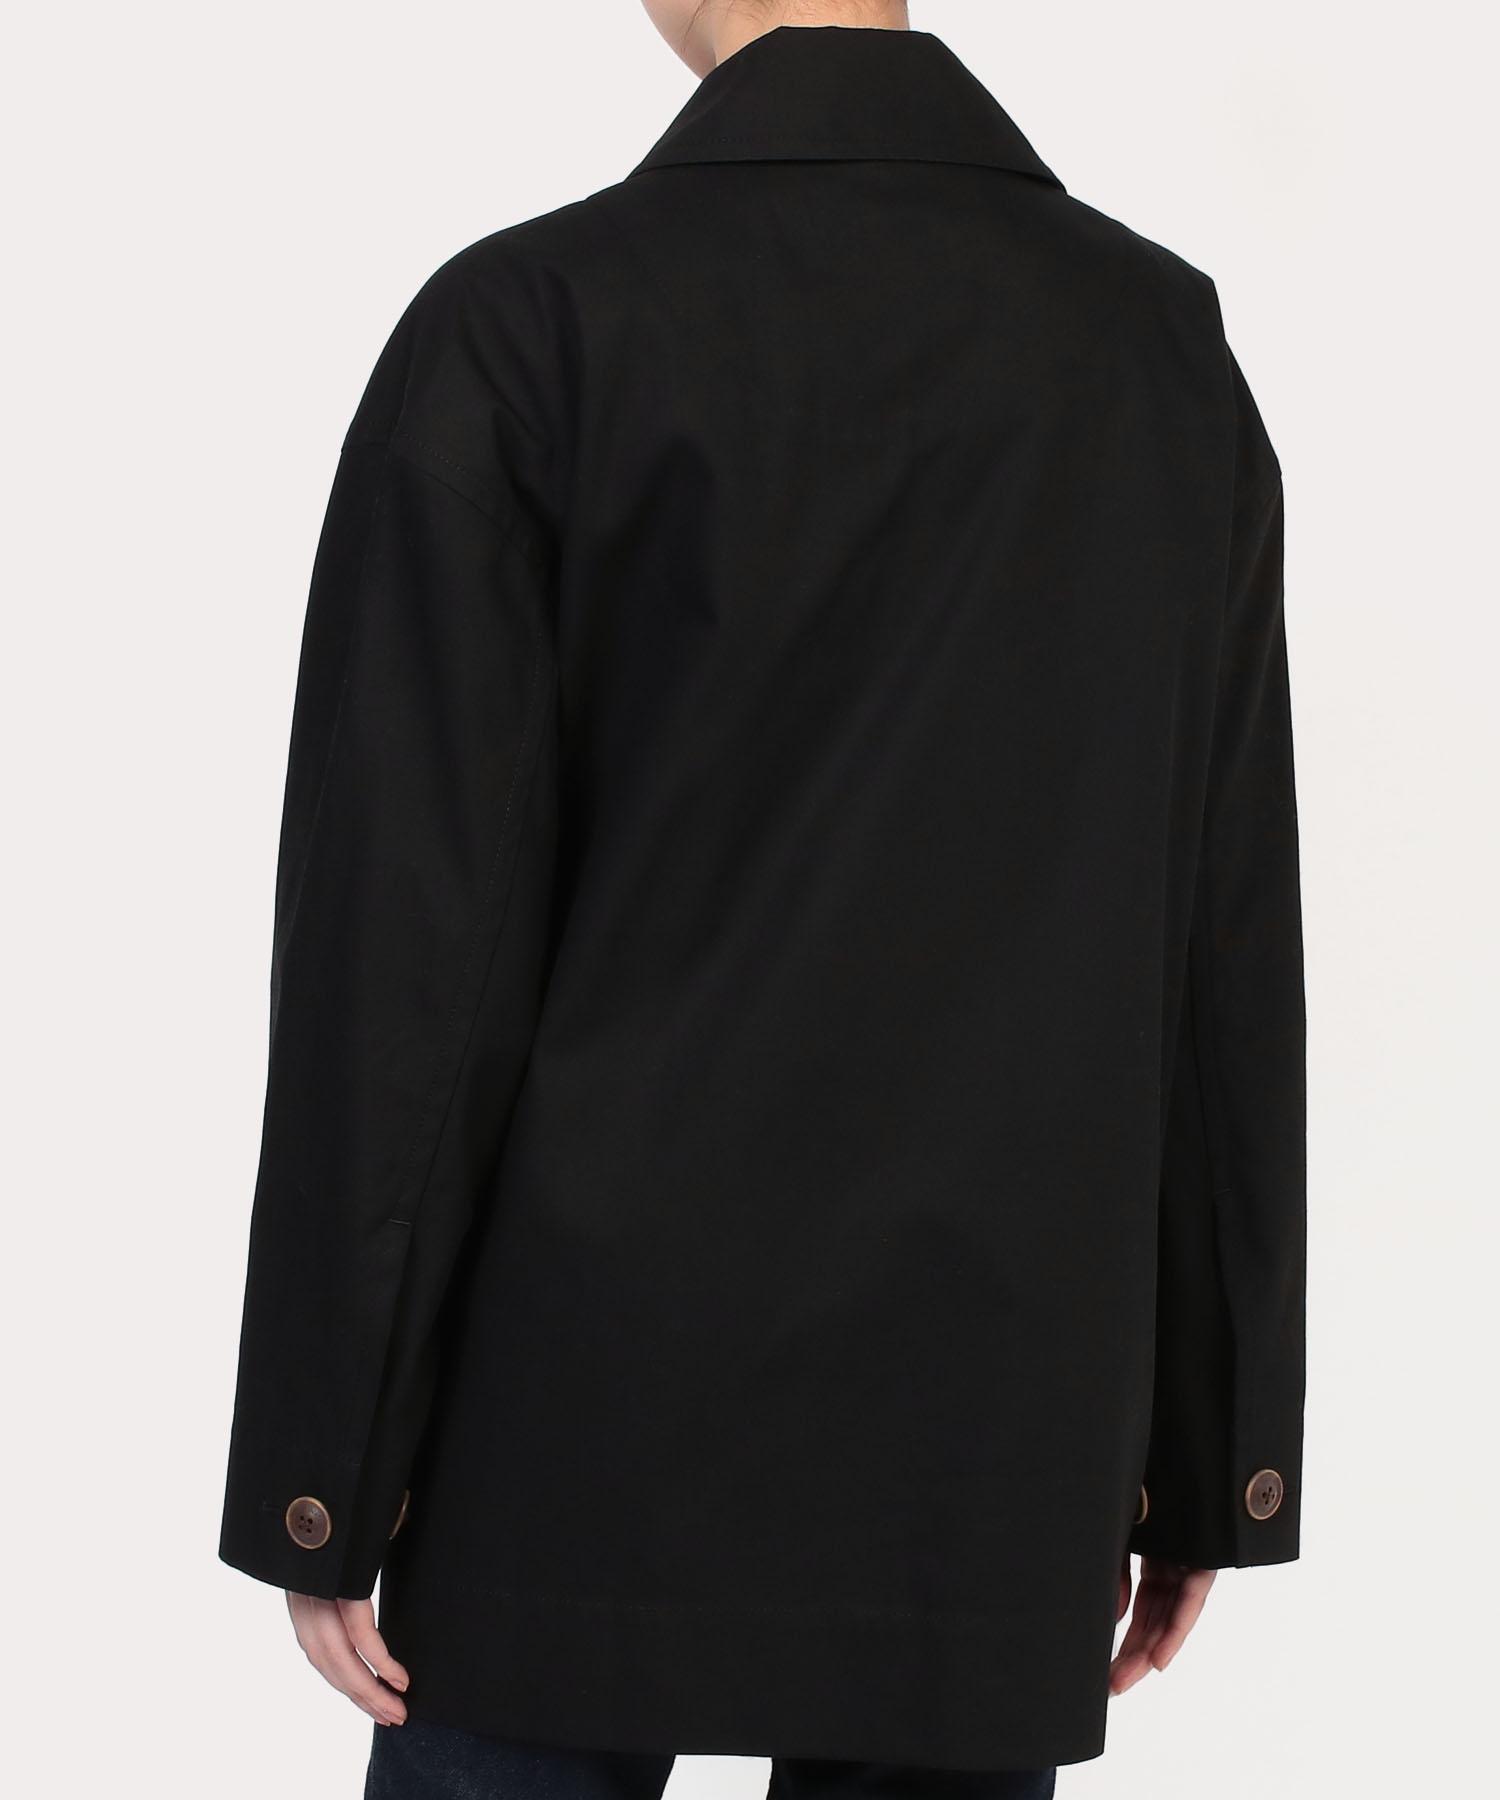 アシンメトリー シャツジャケット